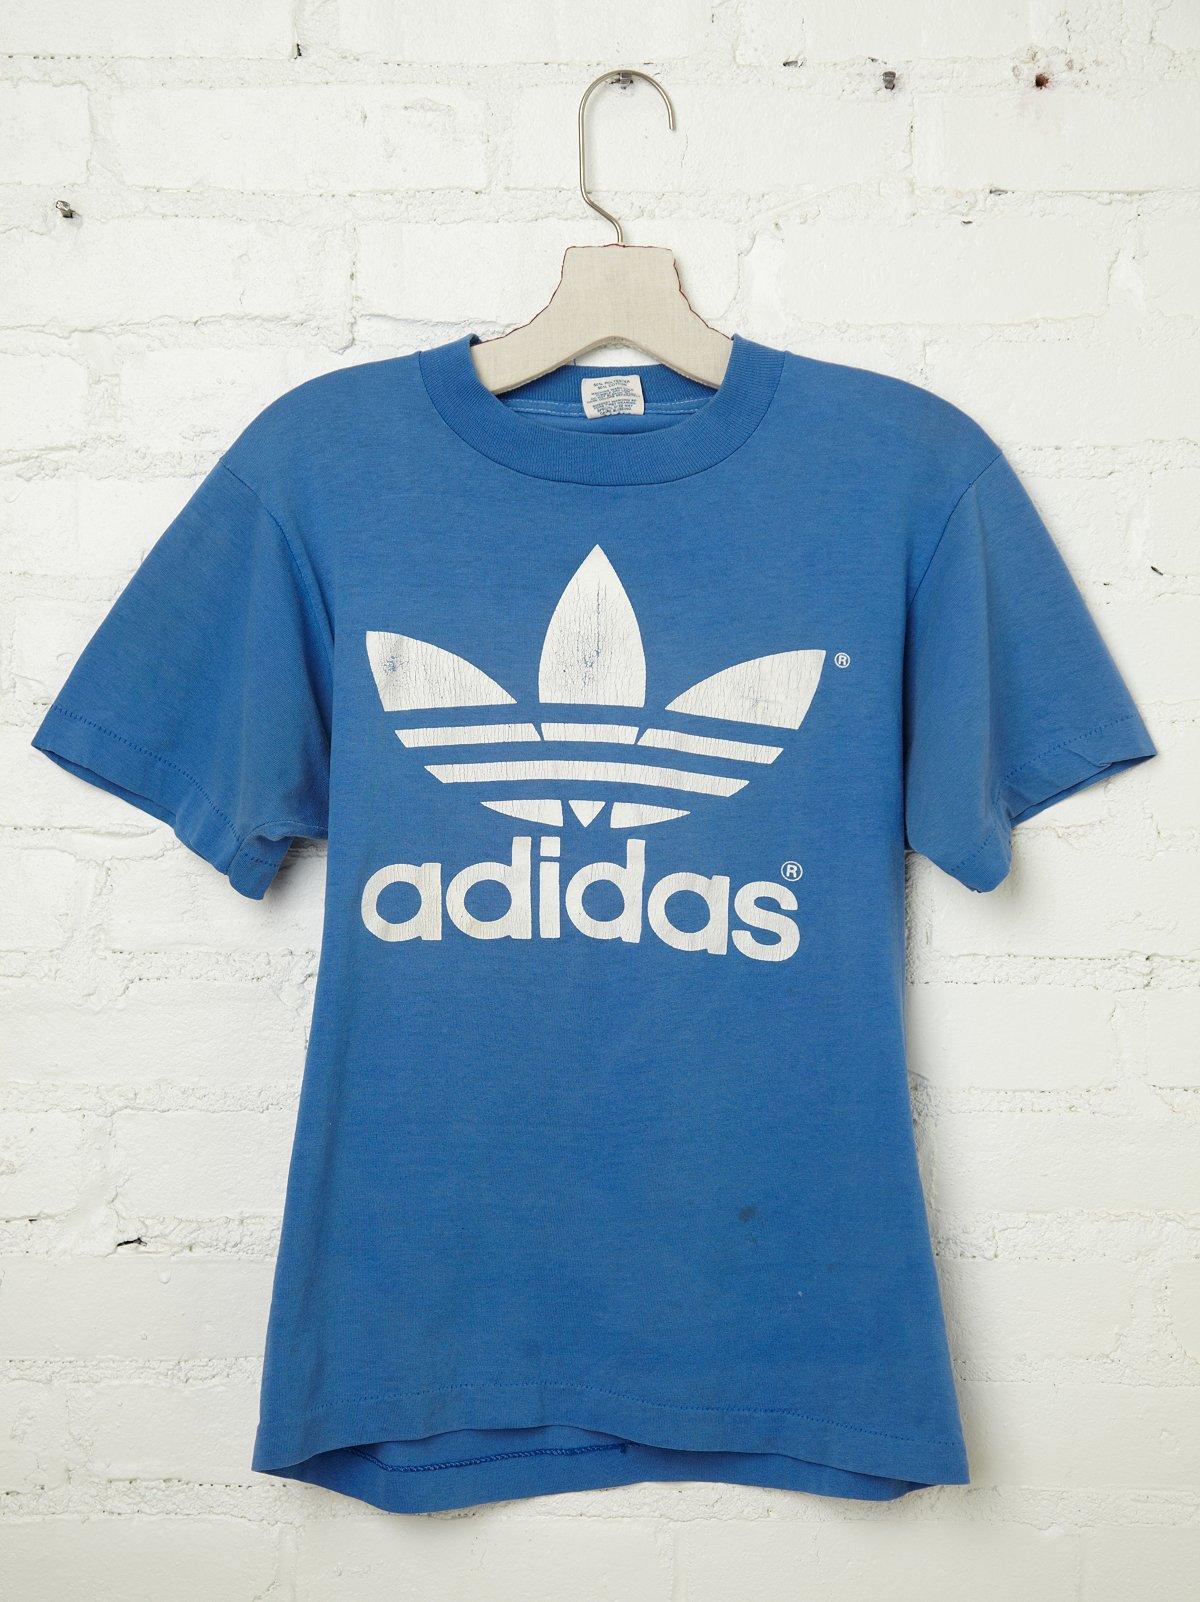 Vintage Adidas Tee